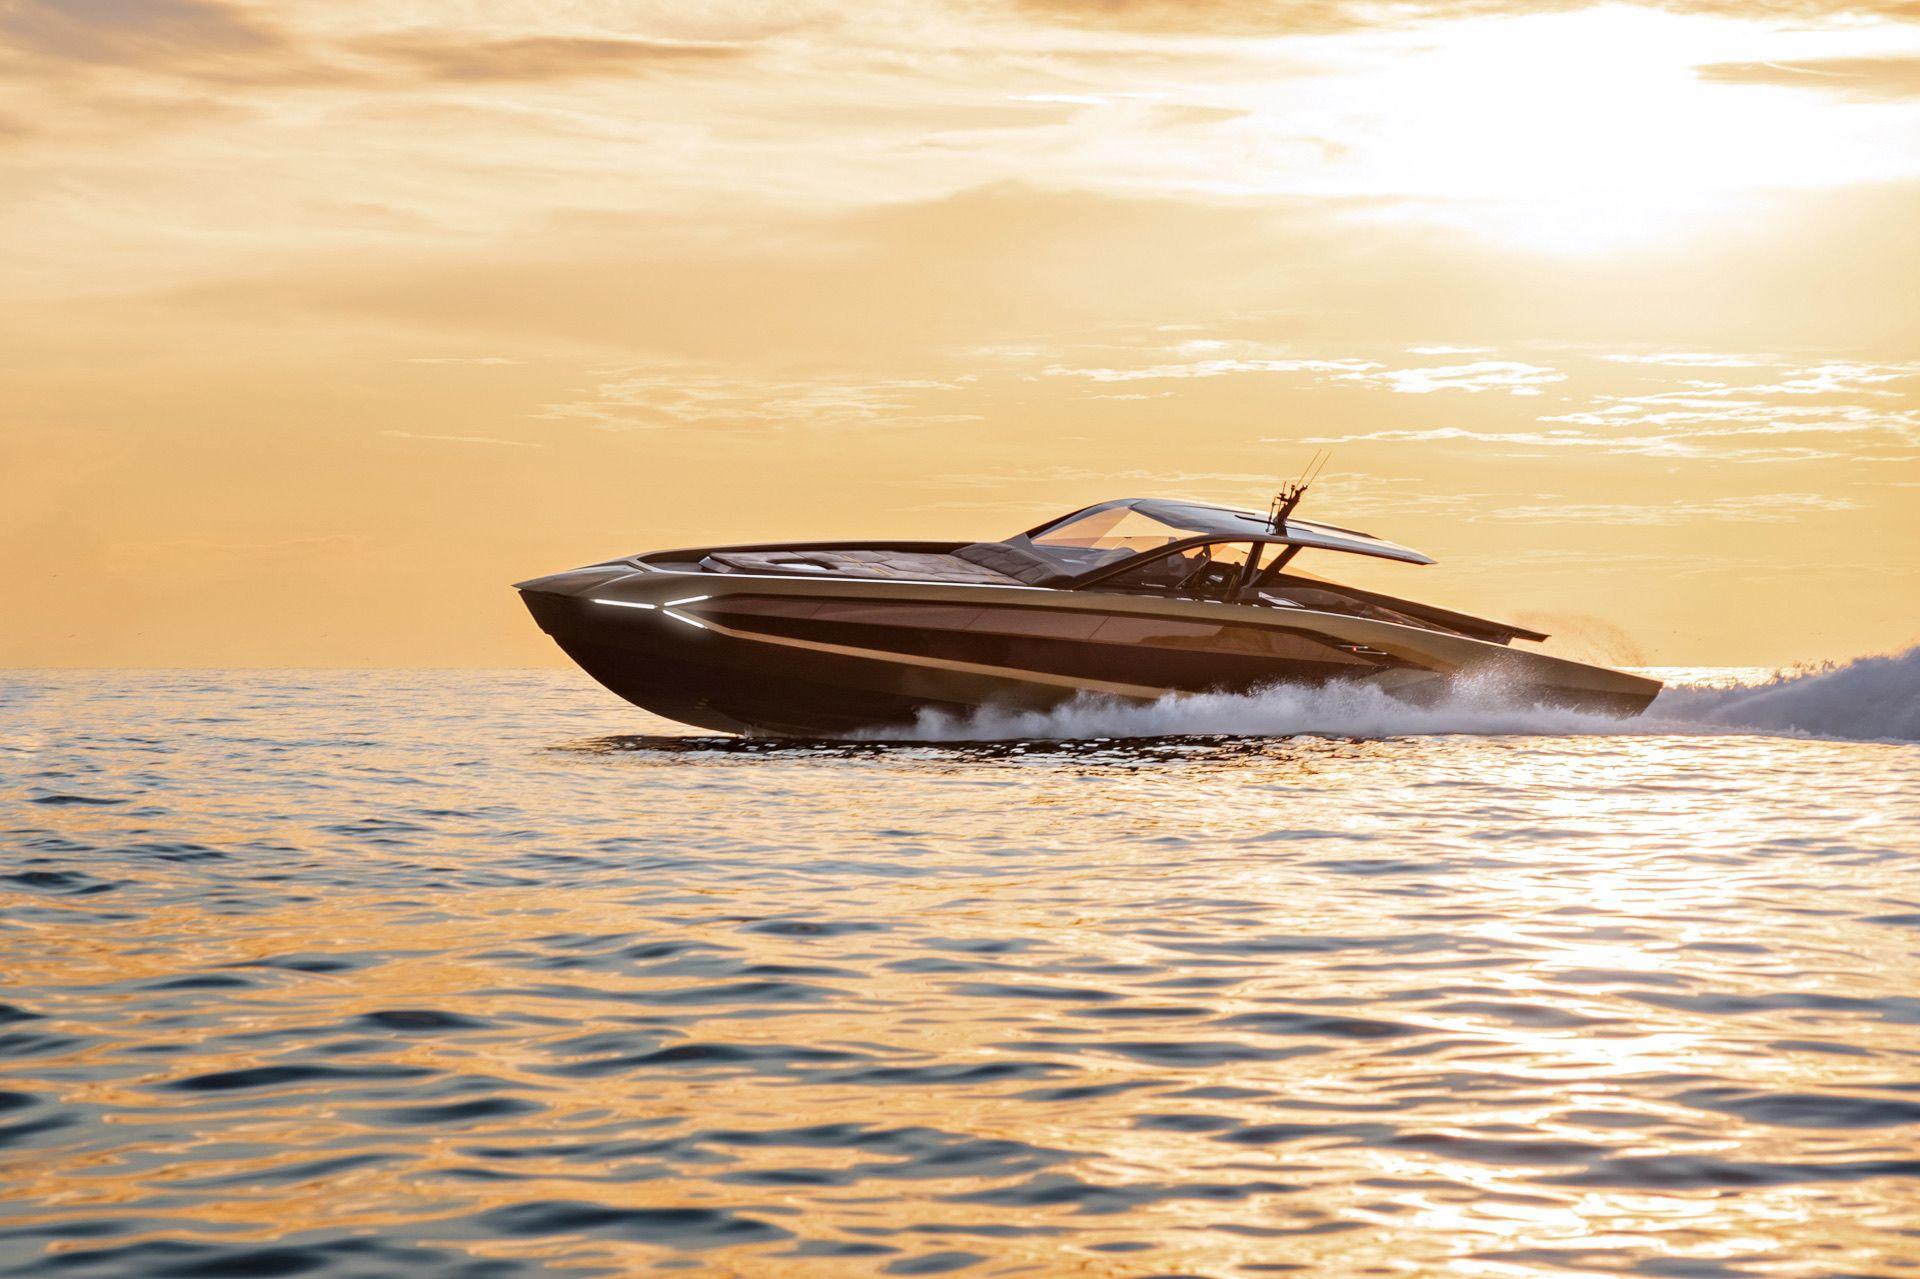 Tecnomar-Lamborghini-63-Yacht-11